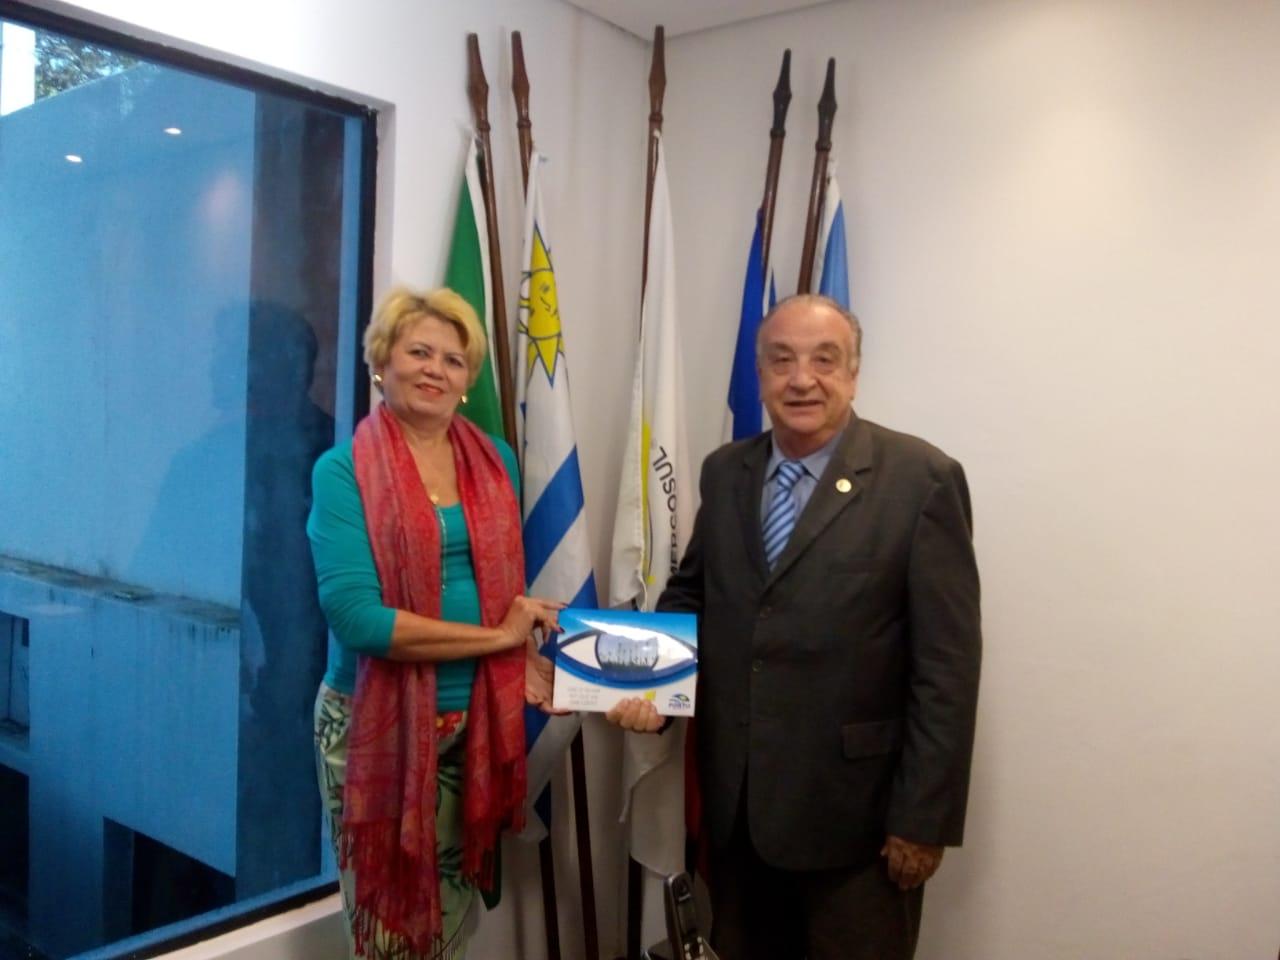 Presidente do Mercosul participará das solenidades do aniversário de Porto - Imagem 1